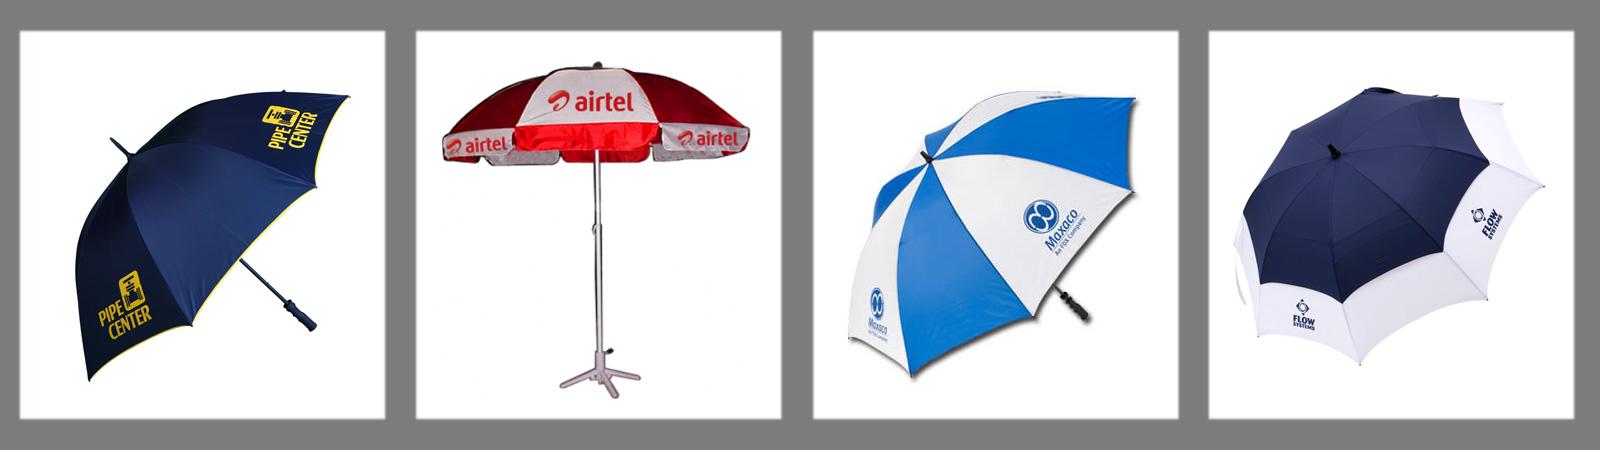 Garden Umbrella Printing